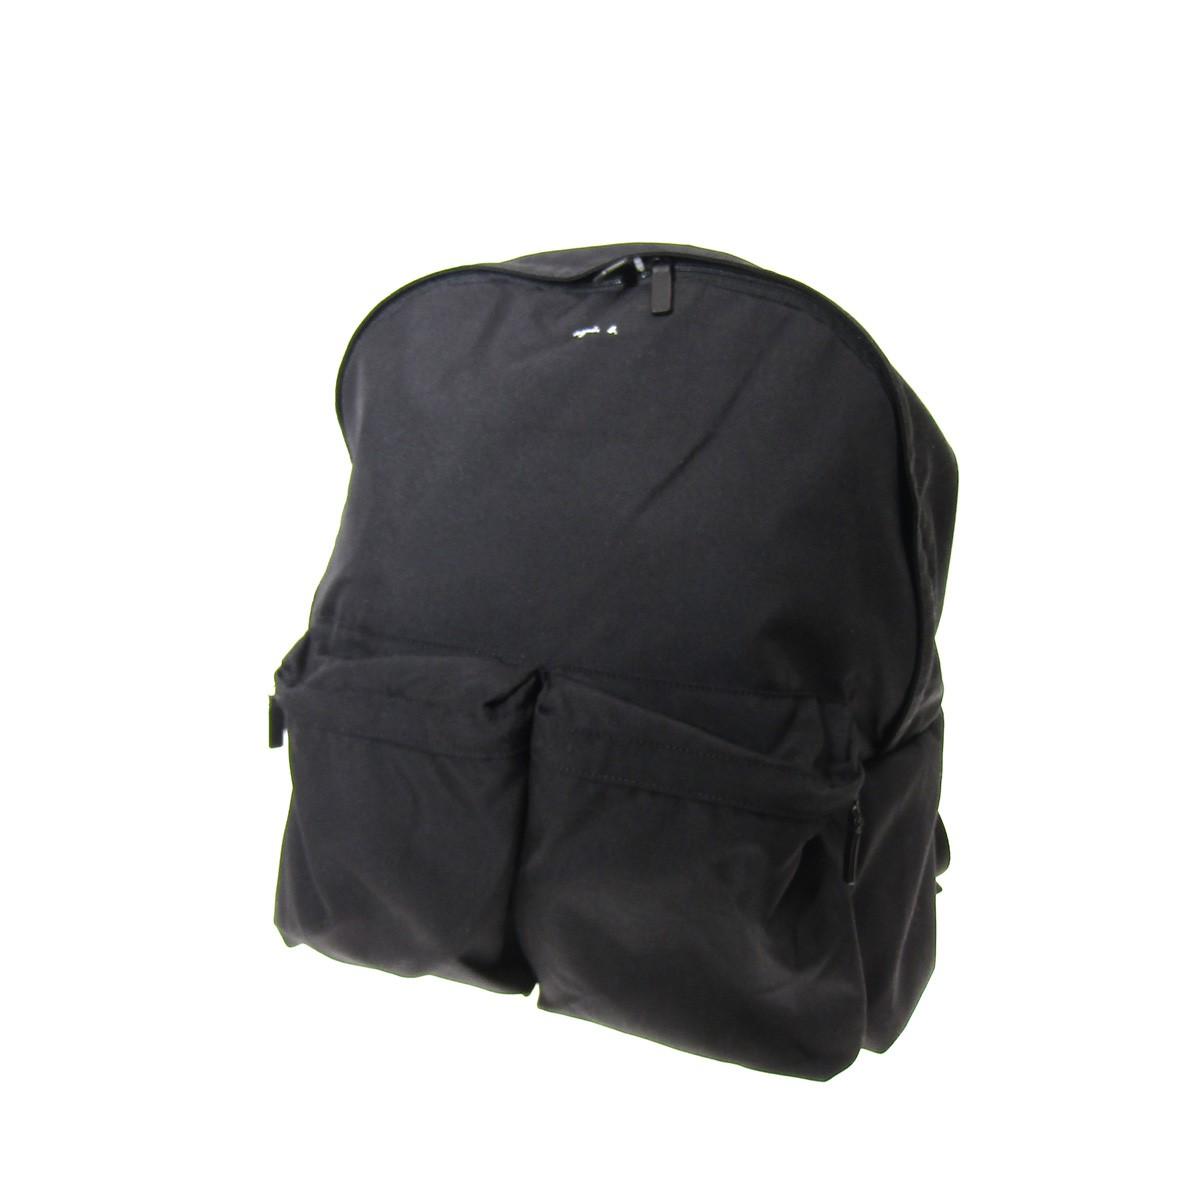 【中古】agnes b. VOYAGE ロゴバックパック ブラック 【230420】(アニエスベー ボヤージュ)